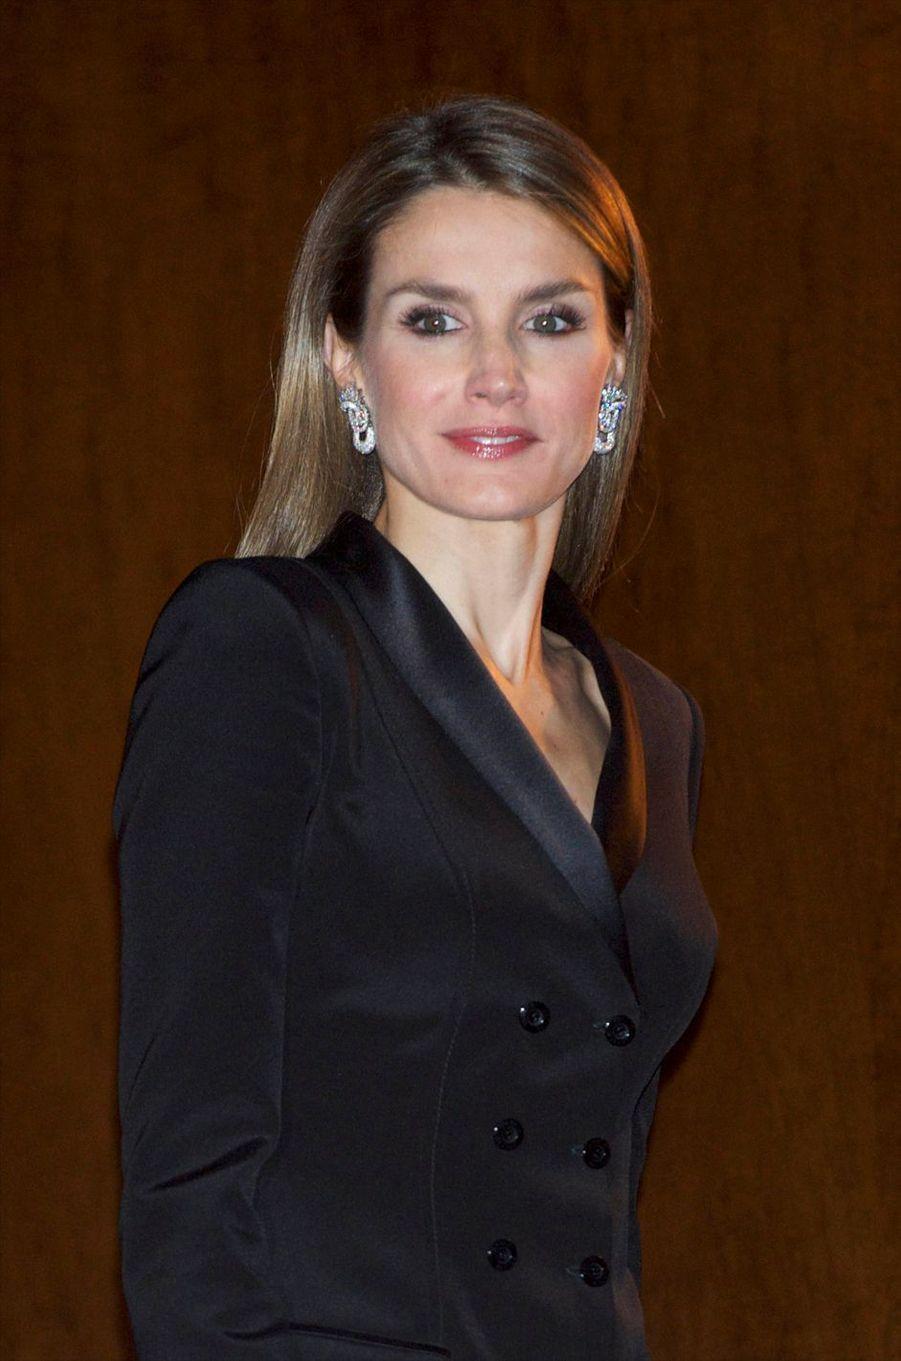 La reine Letizia d'Espagne, le 24 octobre 2013